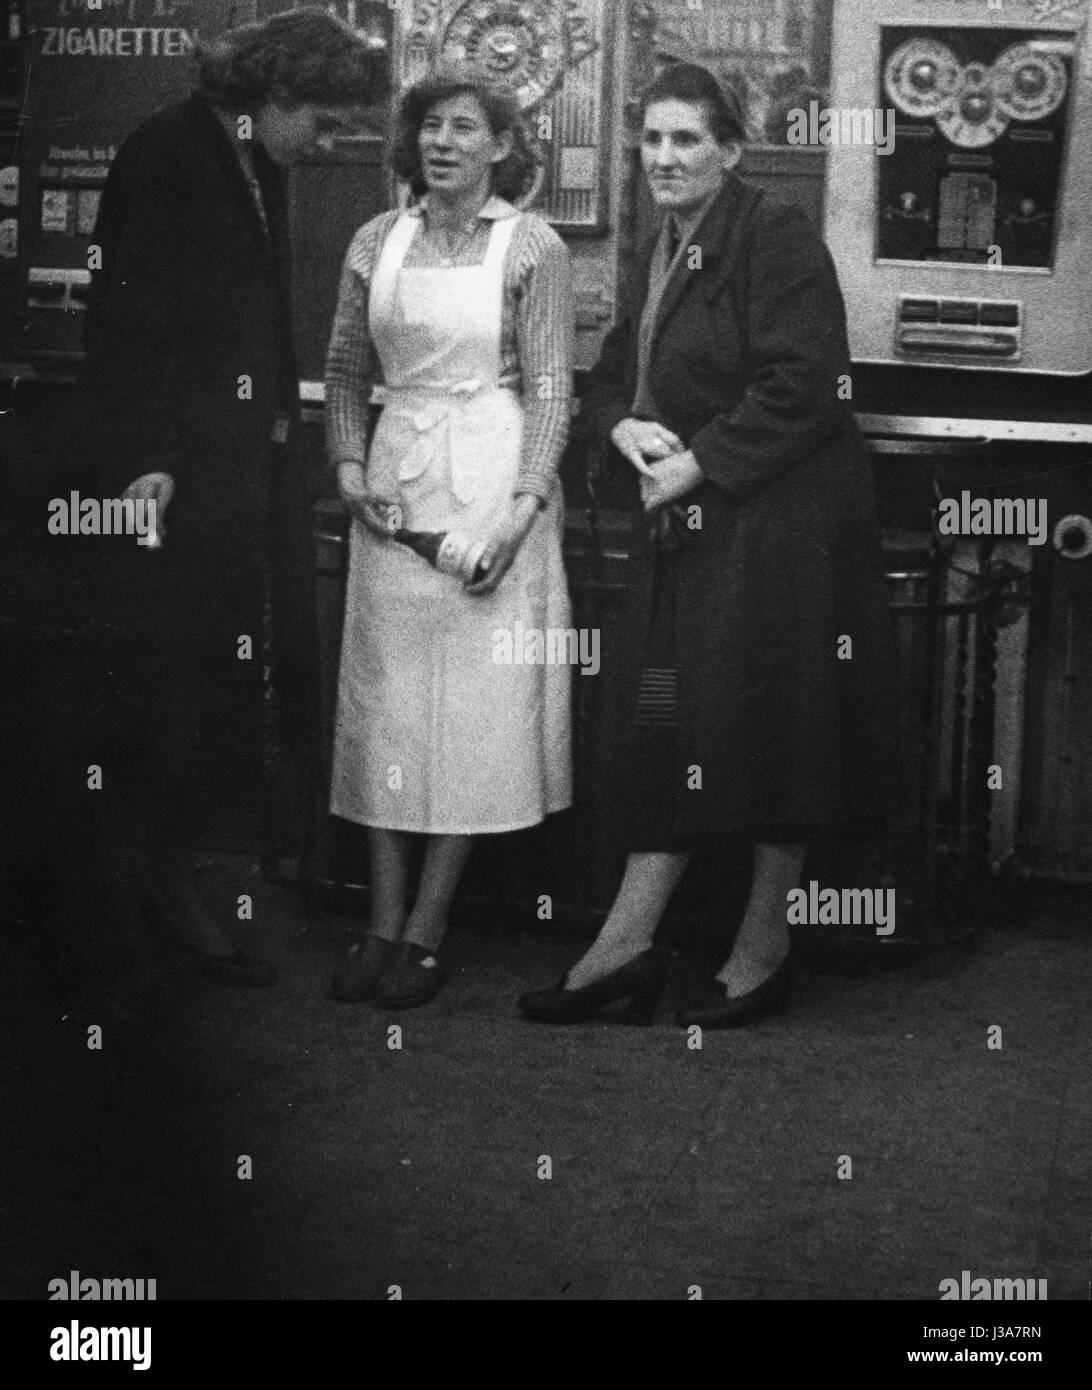 Women on the Reeperbahn in Hamburg, 1956 Stock Photo